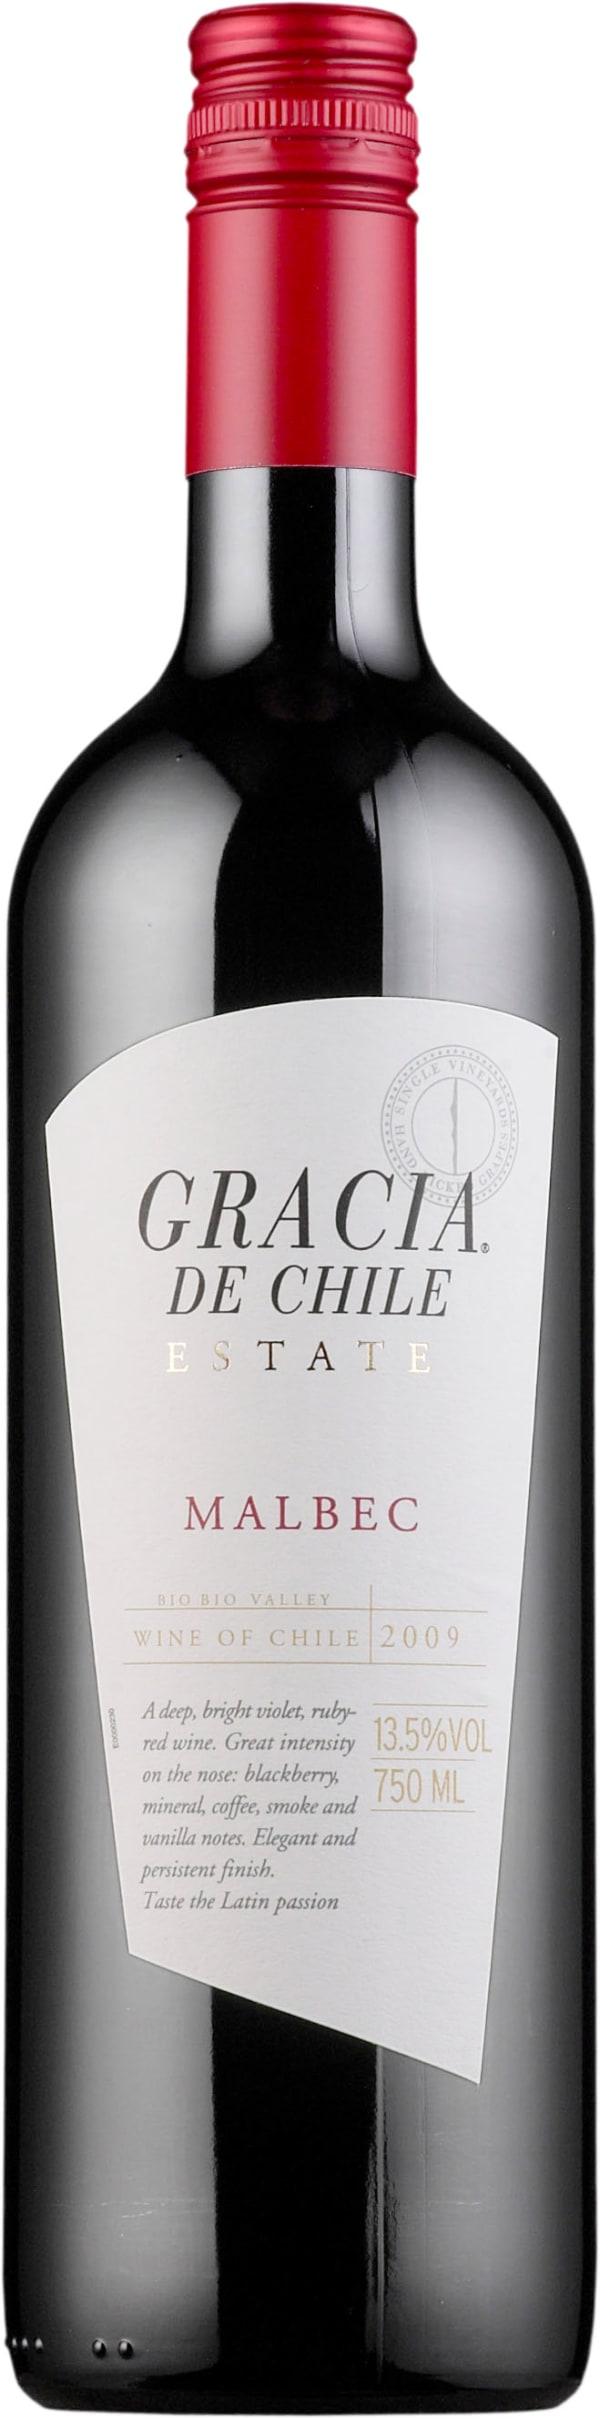 Gracia de Chile Malbec 2019